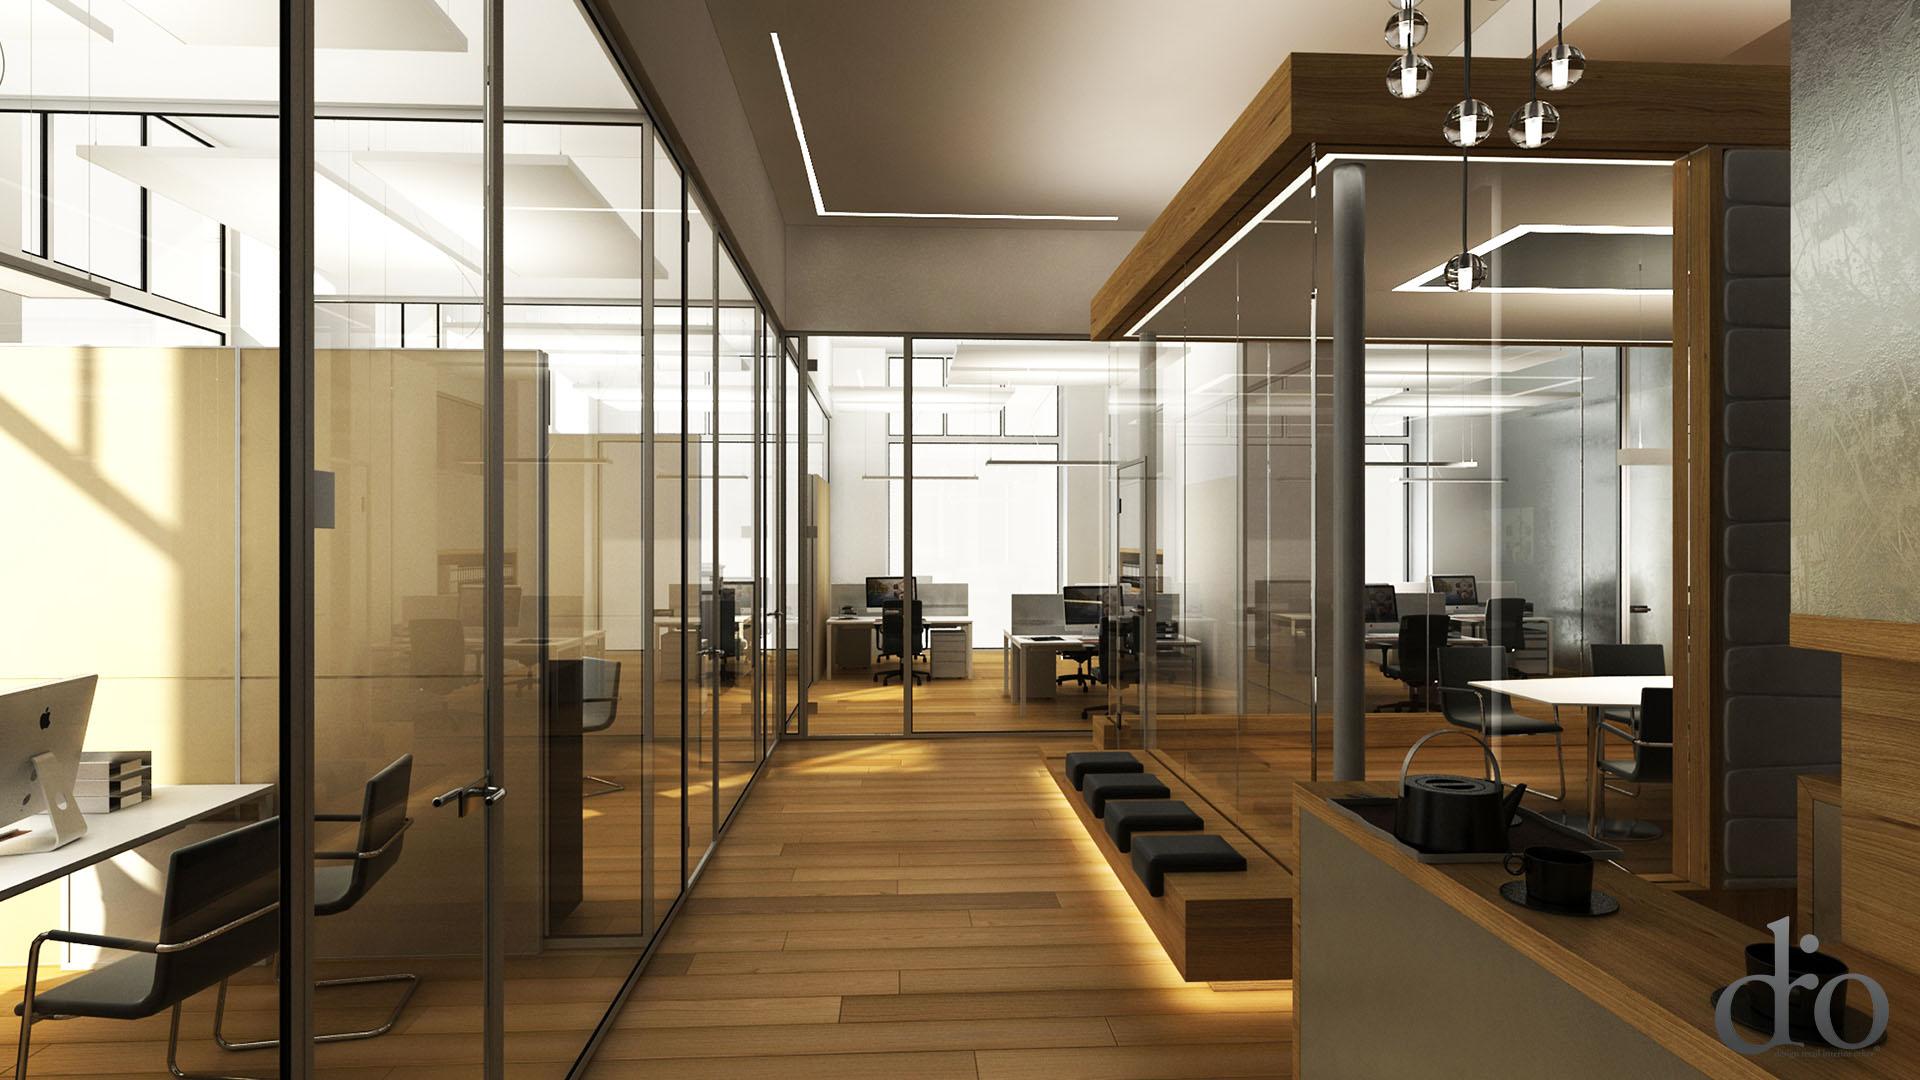 innenarchitekt aus hannover auf h chstma diro showroom. Black Bedroom Furniture Sets. Home Design Ideas